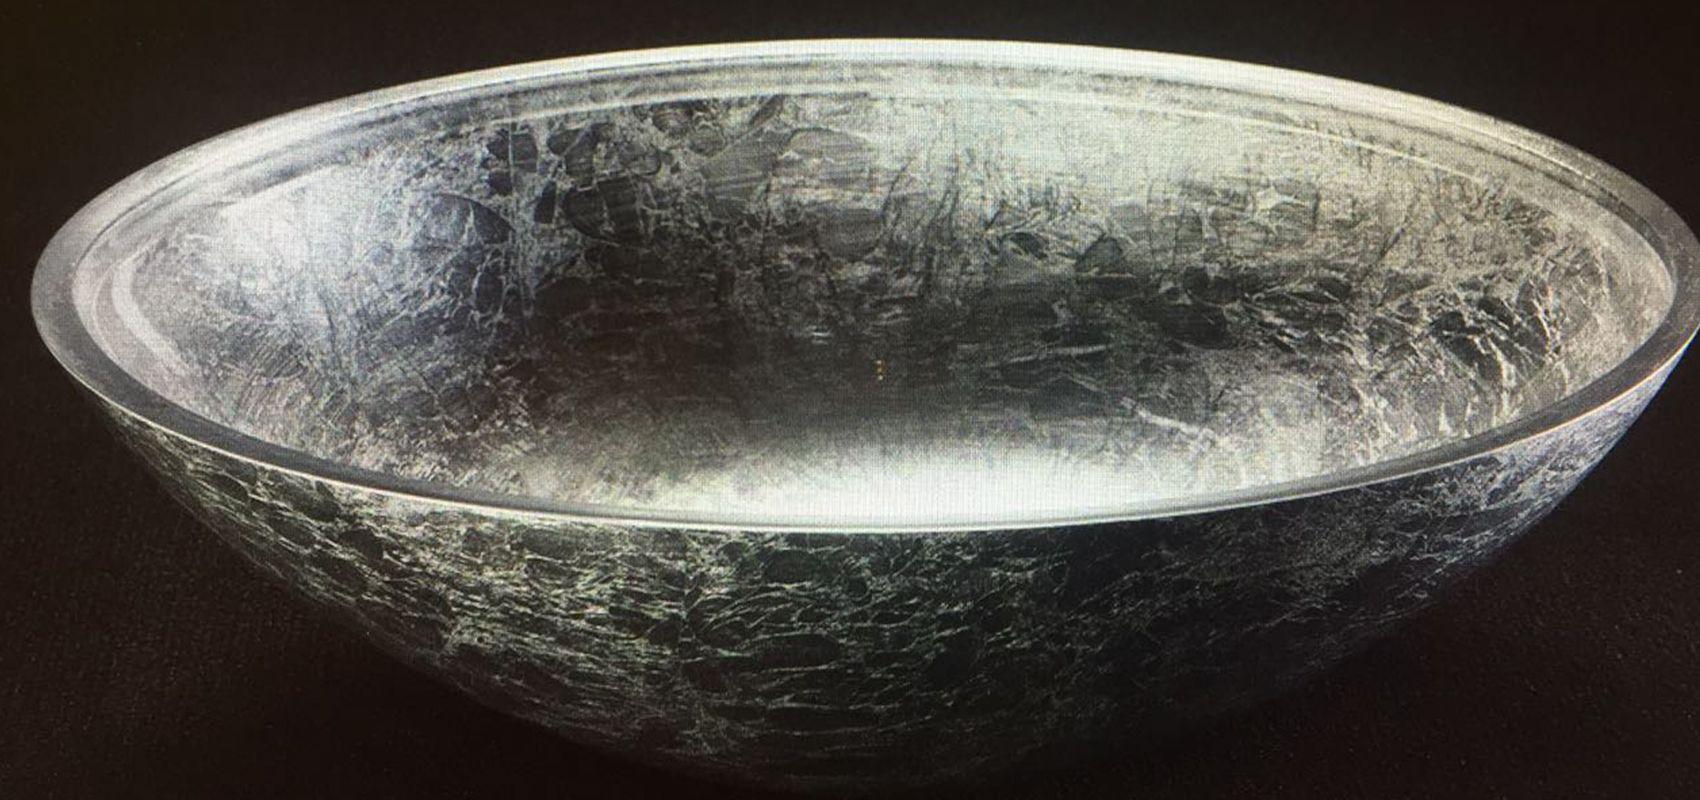 Aufsatzbecken mit Blattsilber ein silbernes Waschbecken